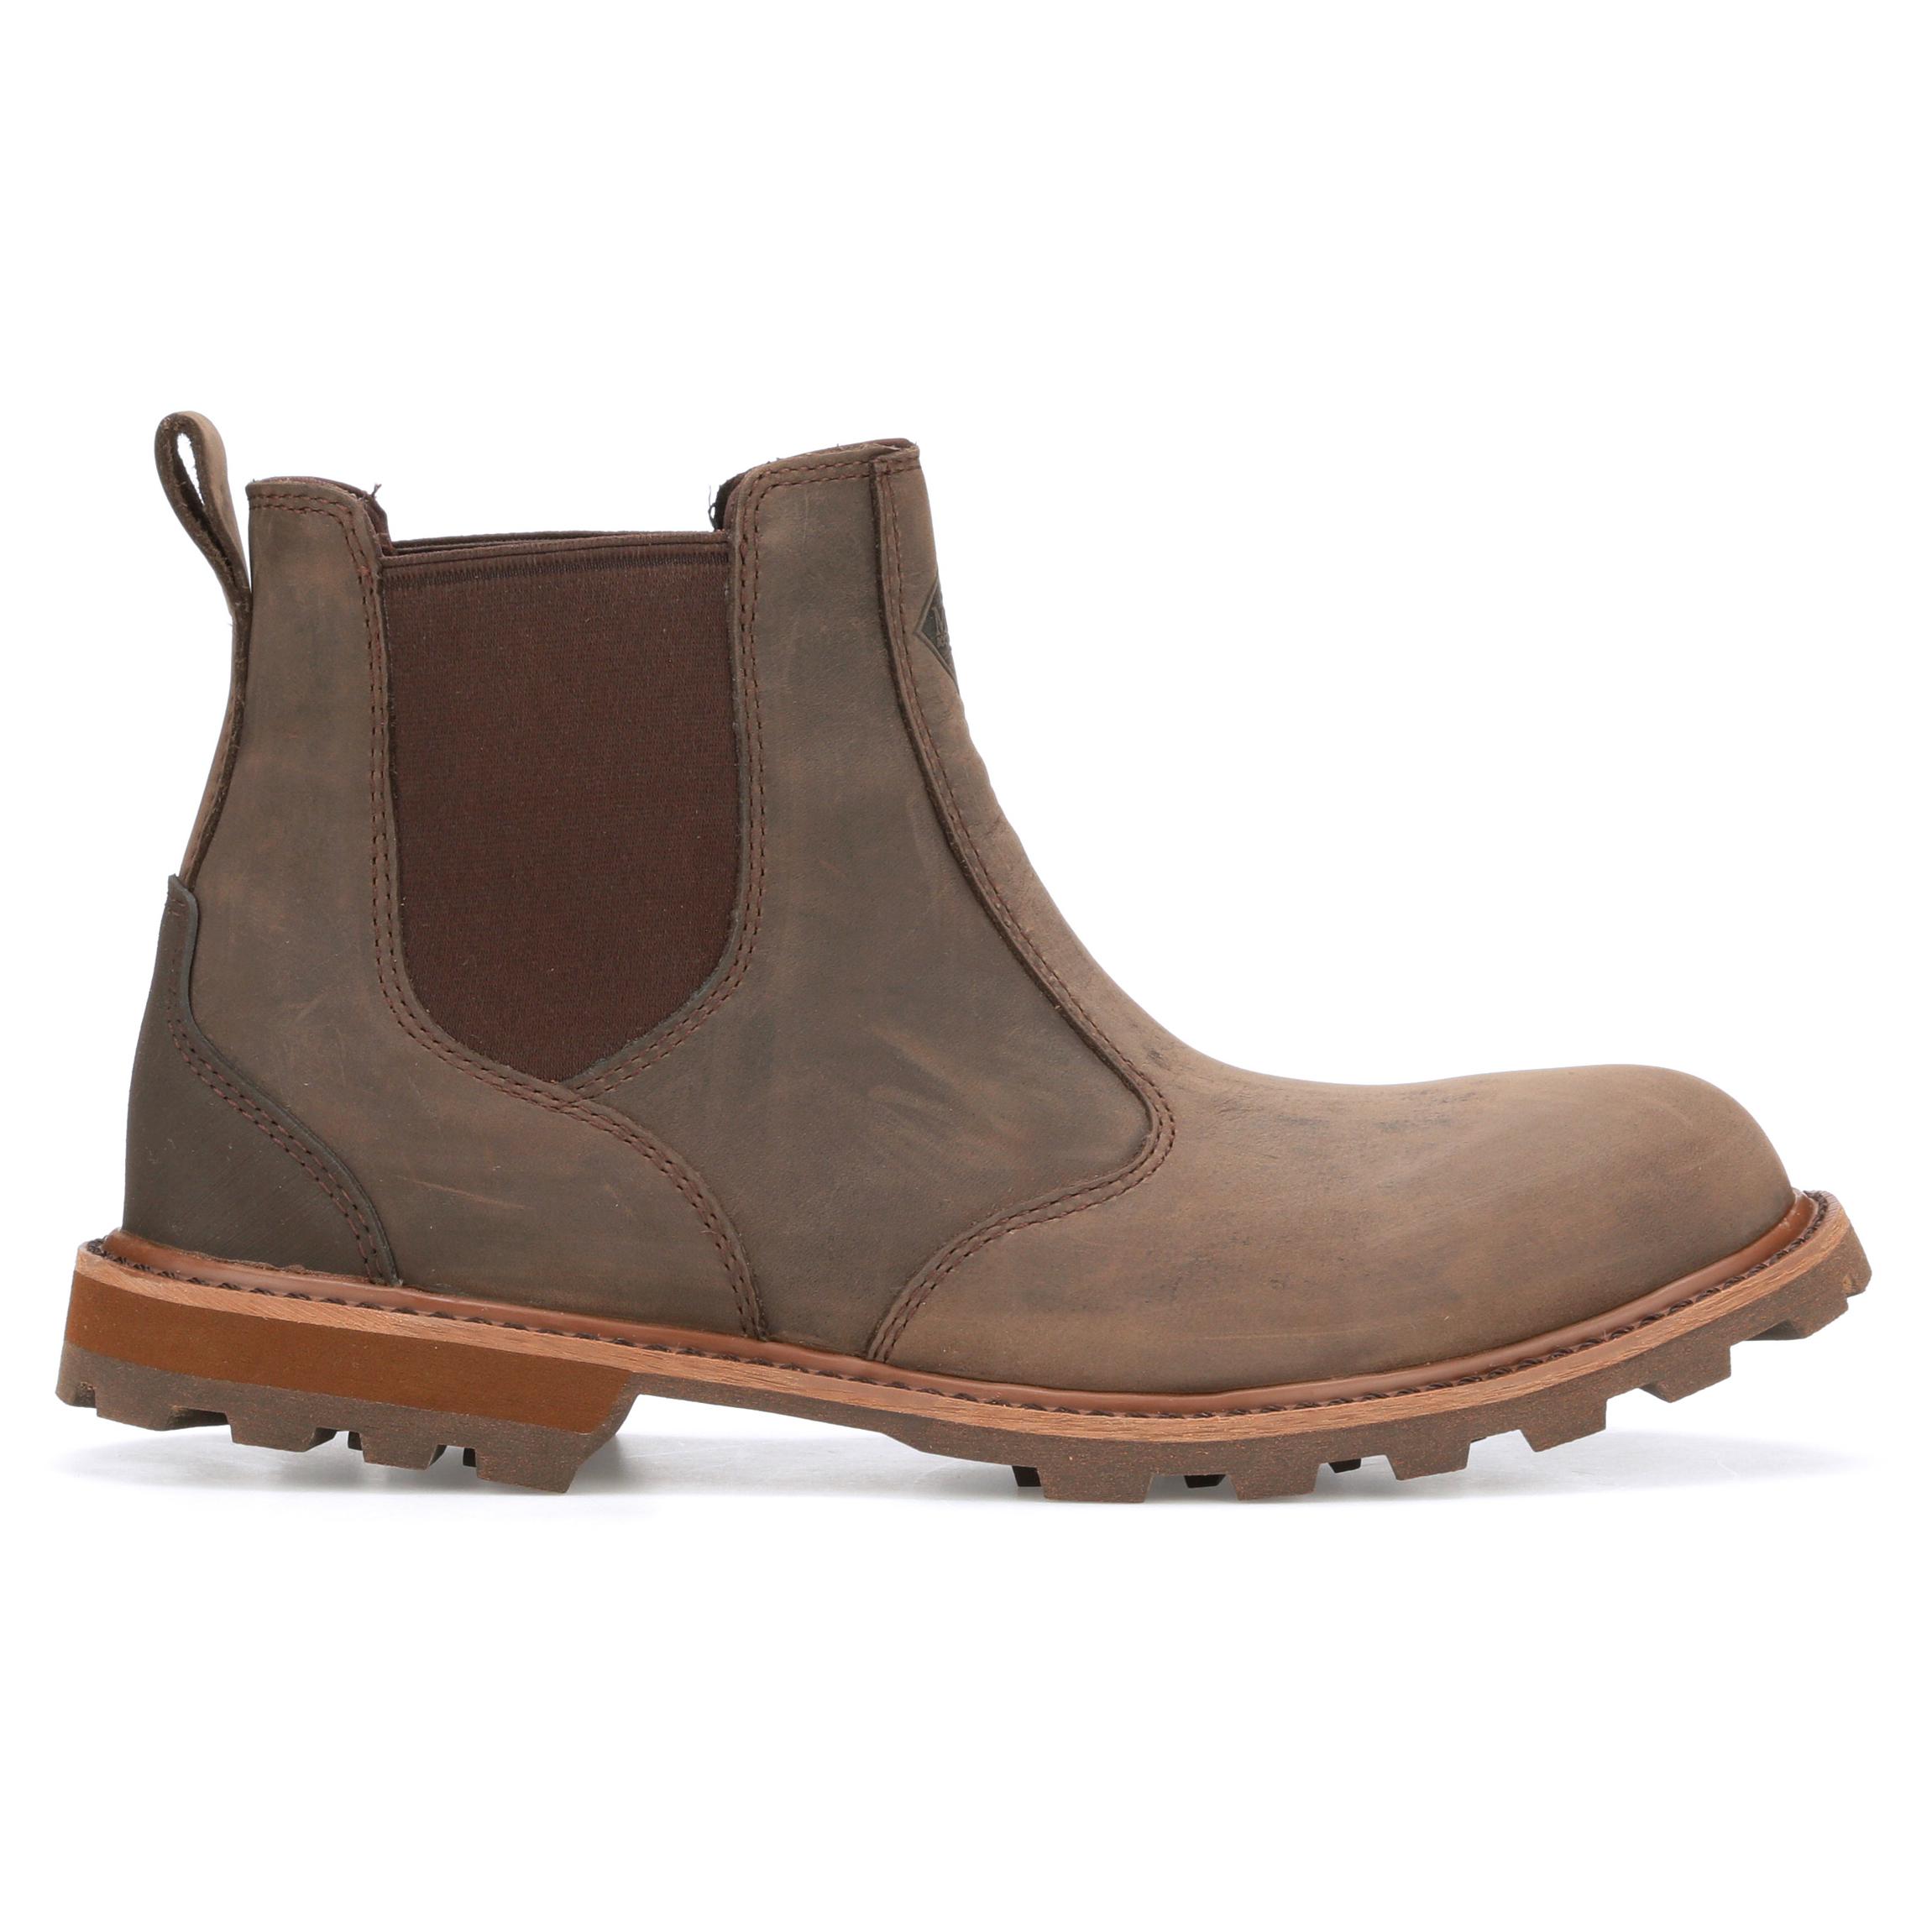 61e81486713 Waterproof Chelsea